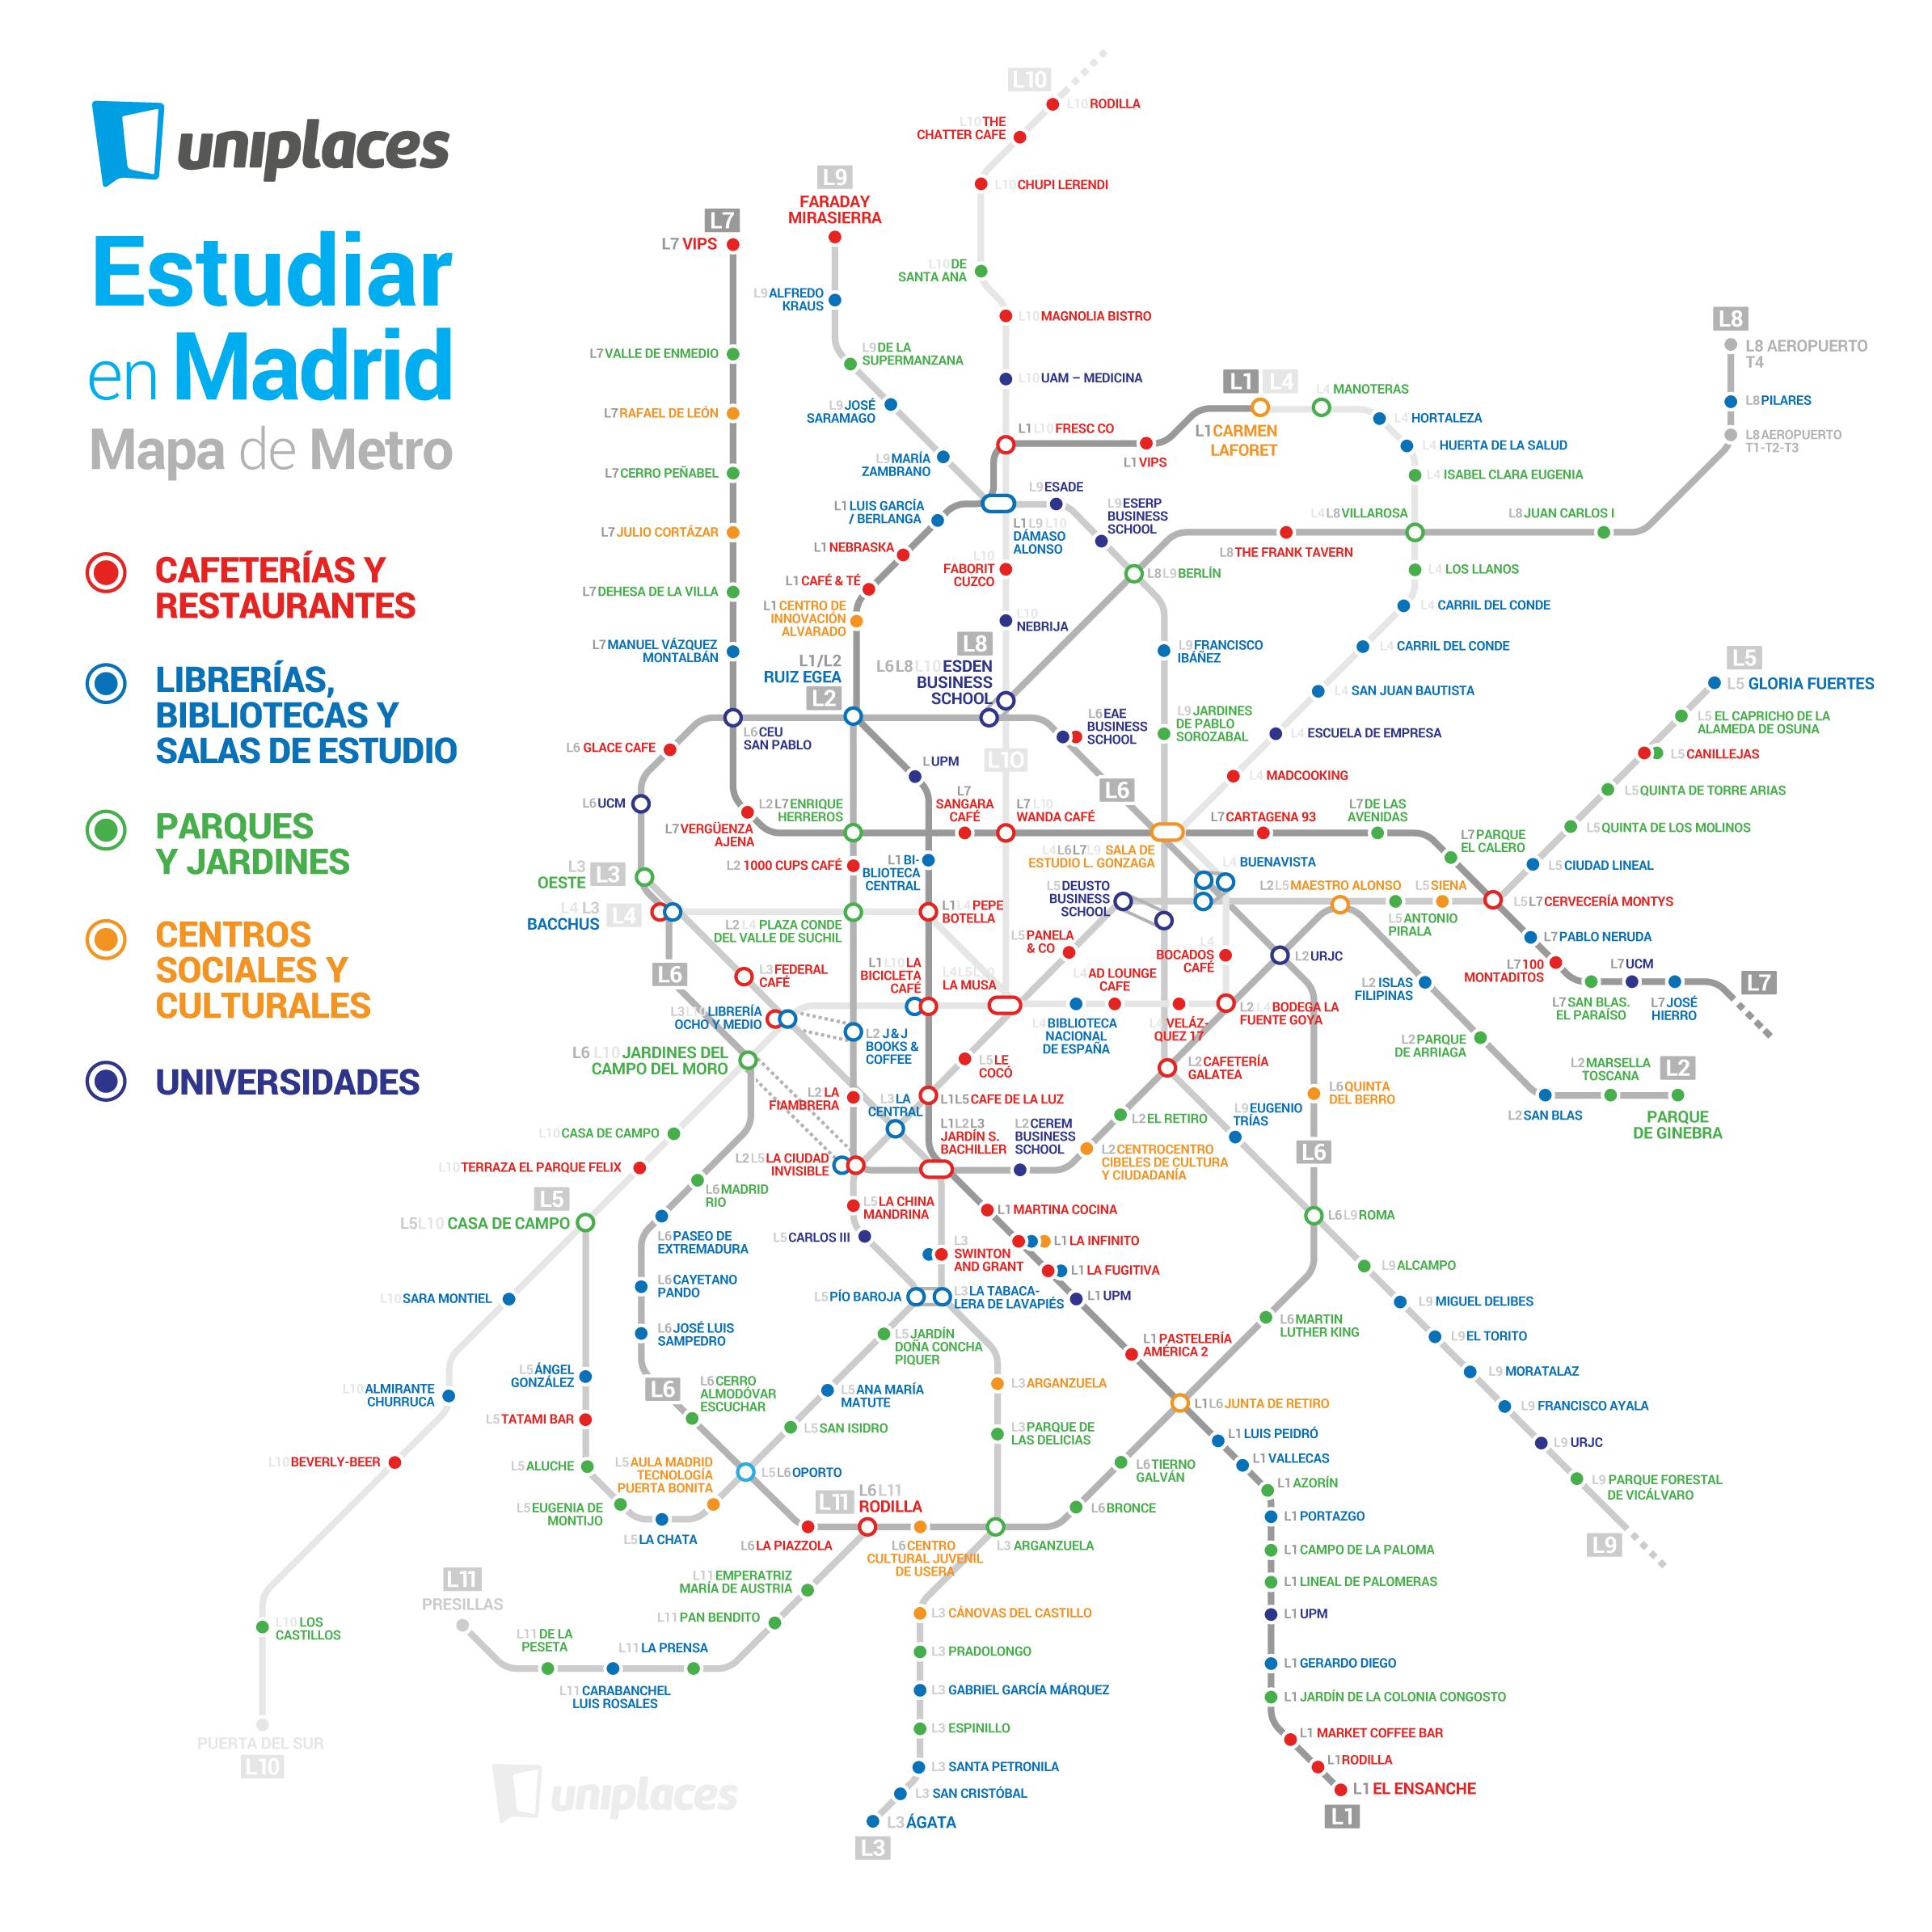 Los mejores sitios para estudiar en Madrid